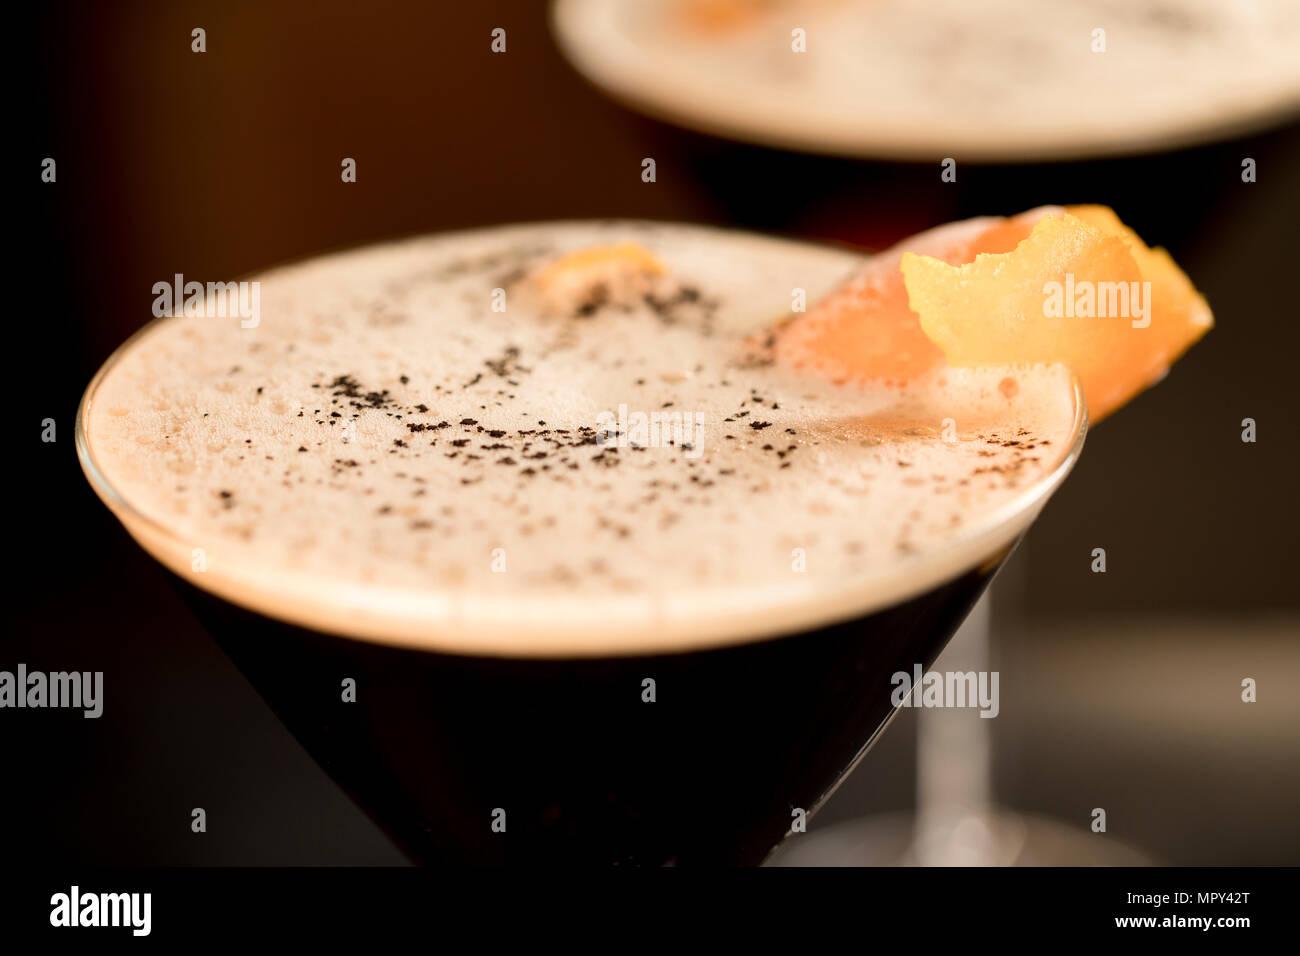 Nahaufnahme der Cocktail in Martini Glas serviert. Stockbild